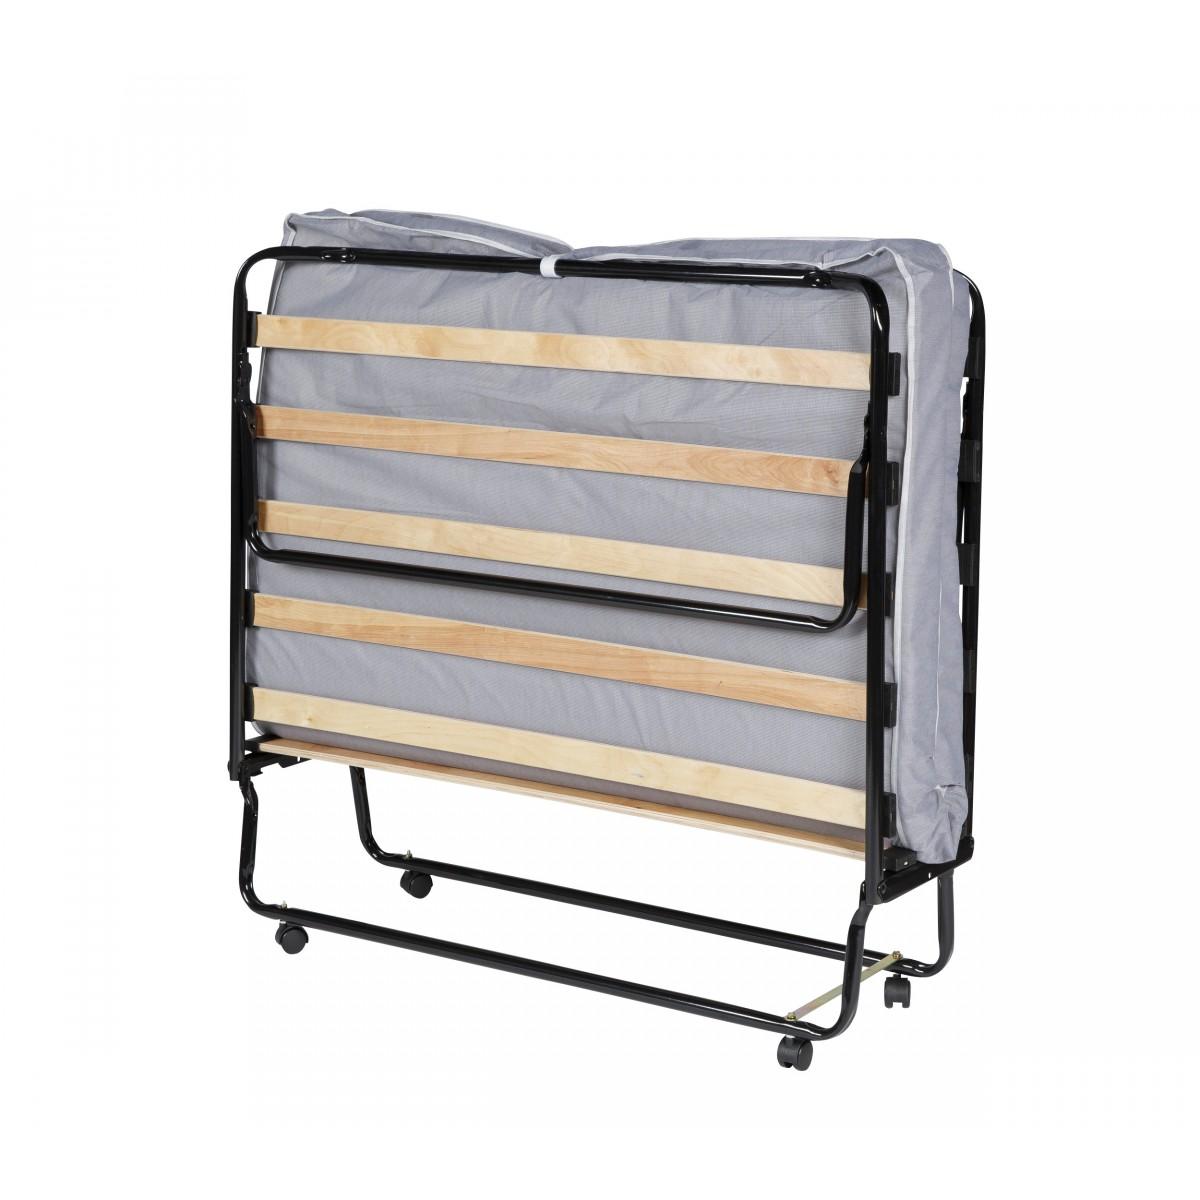 terre ensemble de nuit matelas valentinois malicieux sommier tapissier pieds 120x190. Black Bedroom Furniture Sets. Home Design Ideas